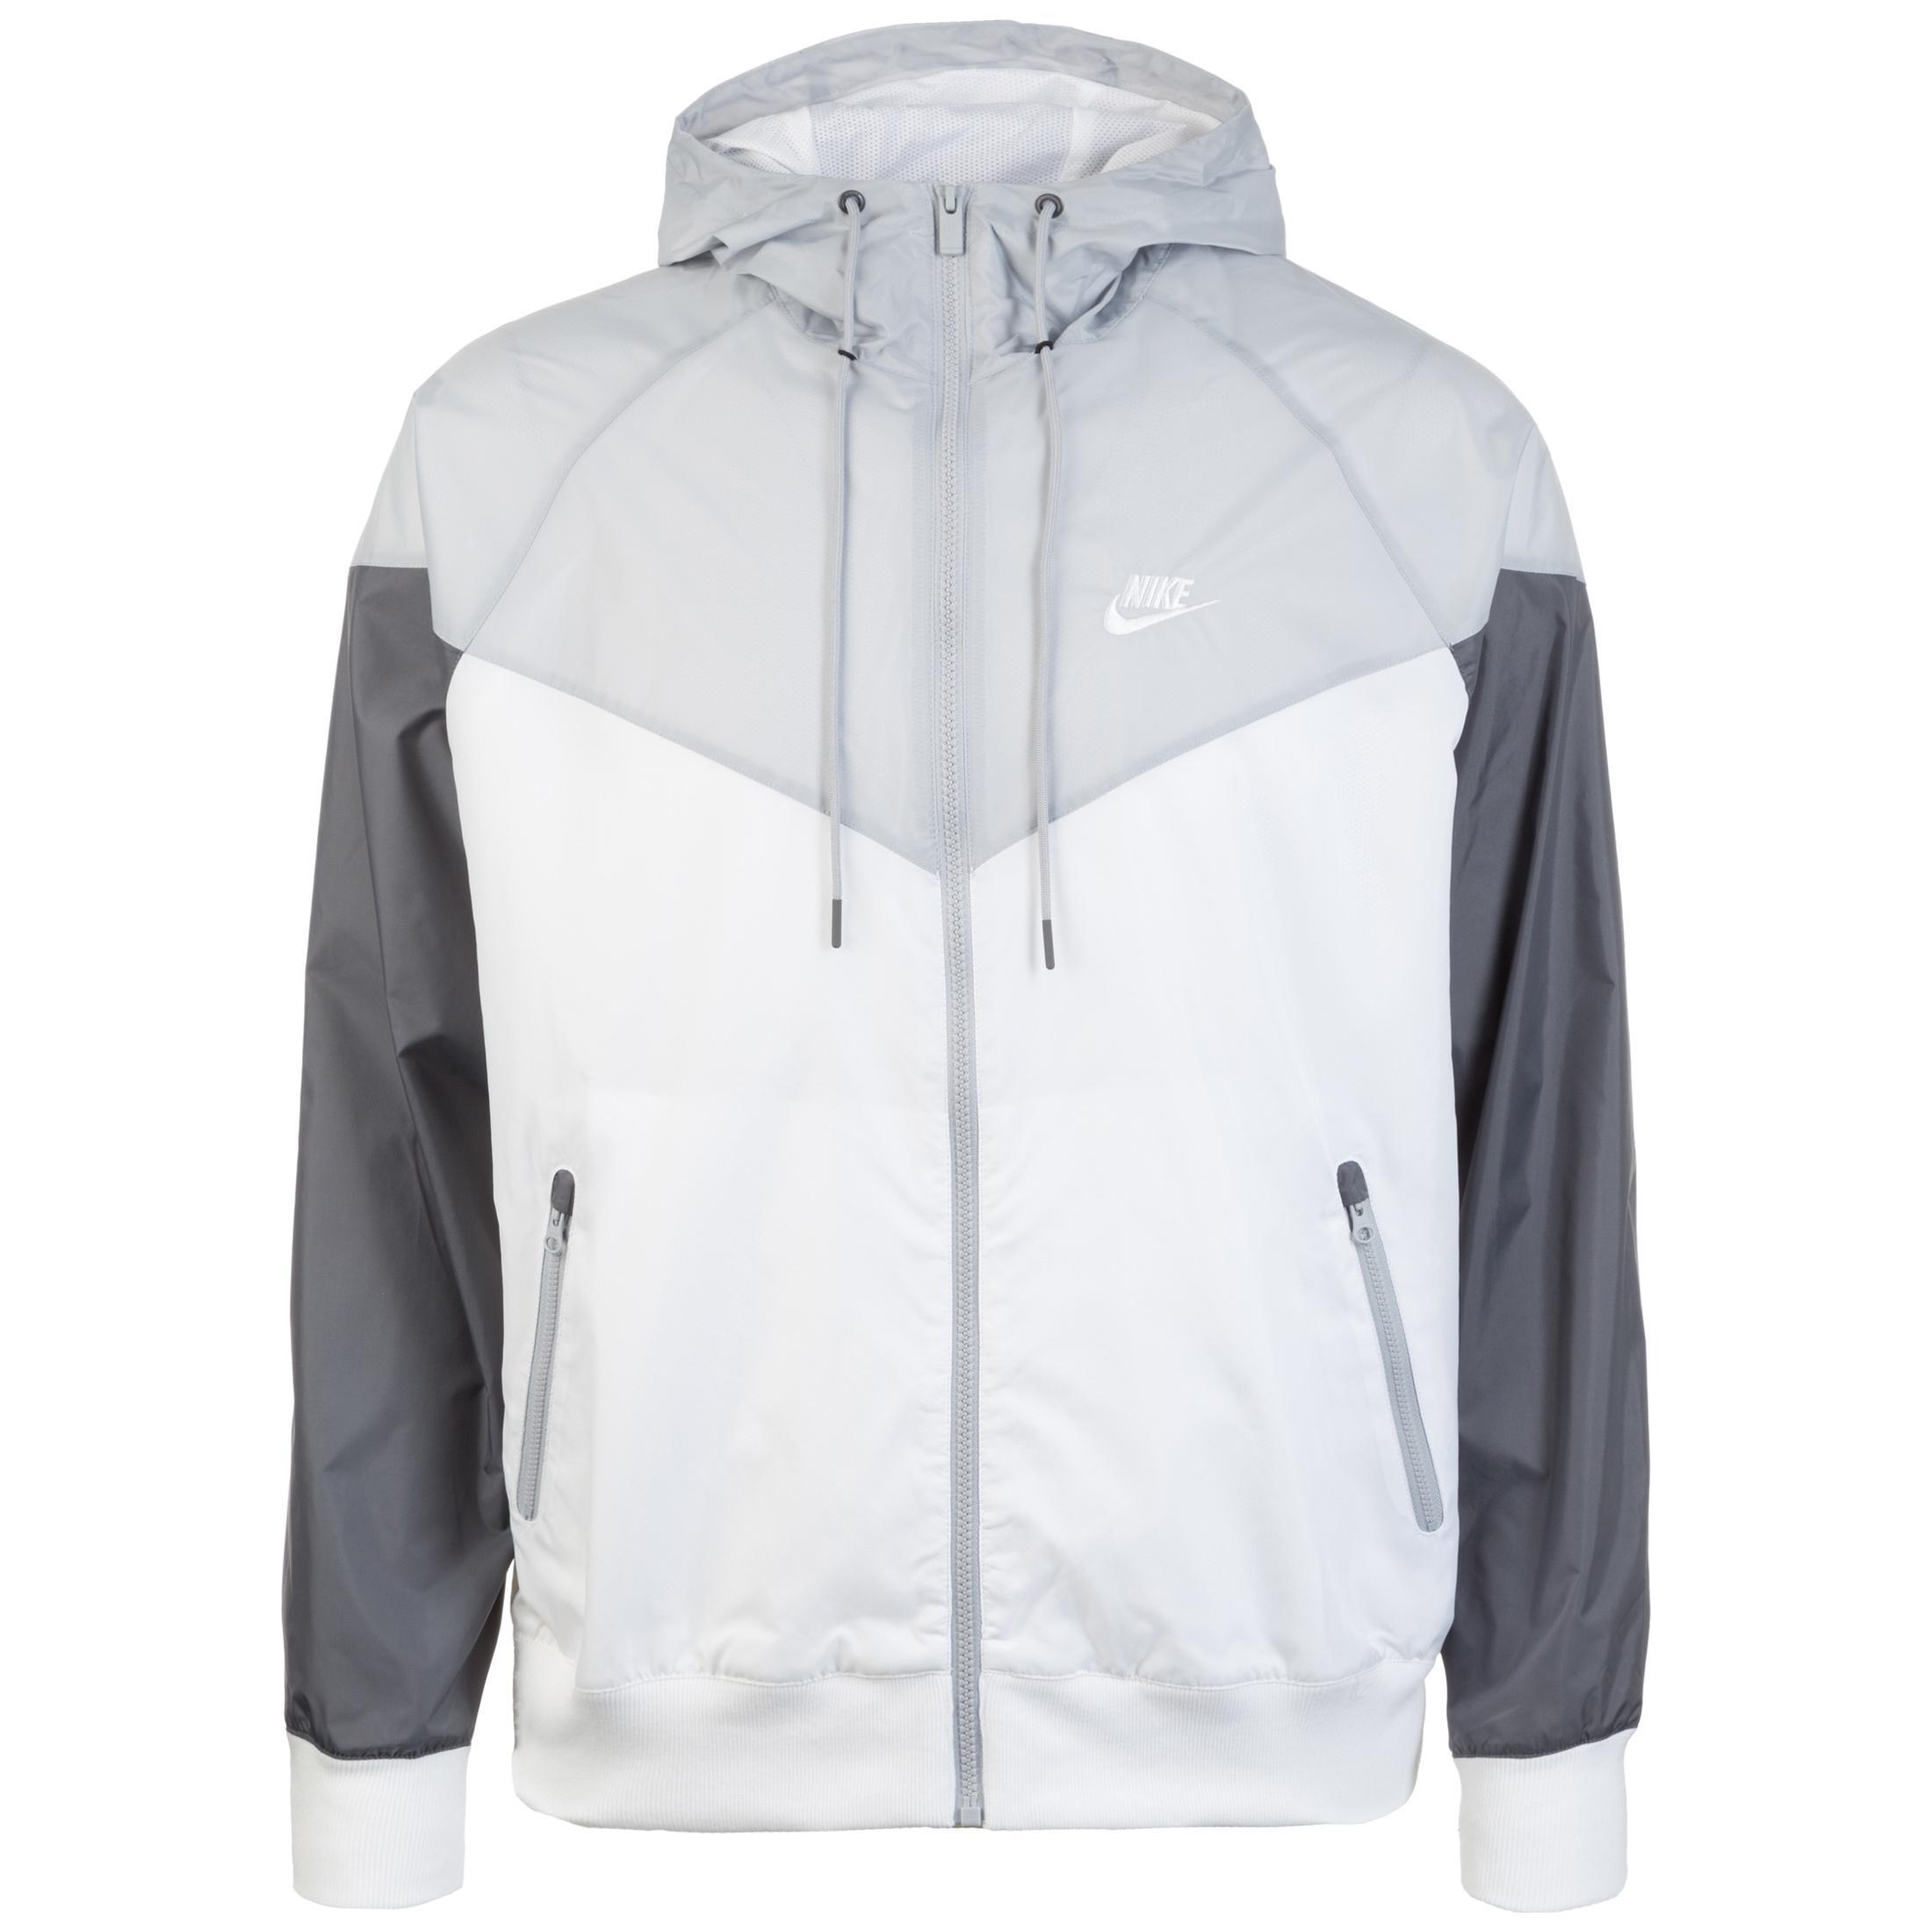 758796f5f7080 Nike Windrunner Outdoorjacke Herren weiß   grau im Online Shop von  SportScheck kaufen